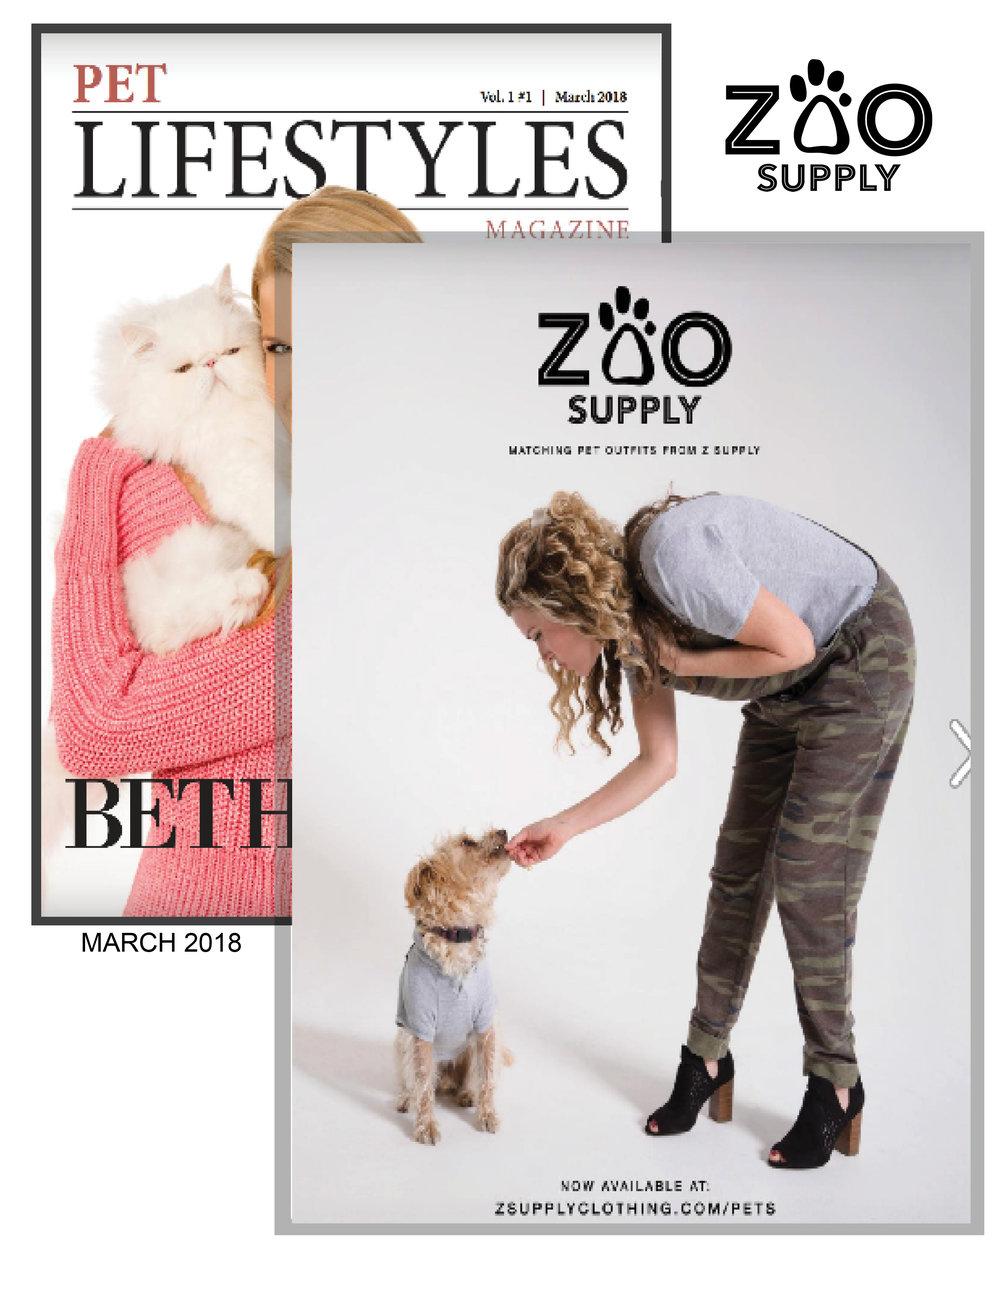 ZooSupply_PetLifestyles_March2018.jpg